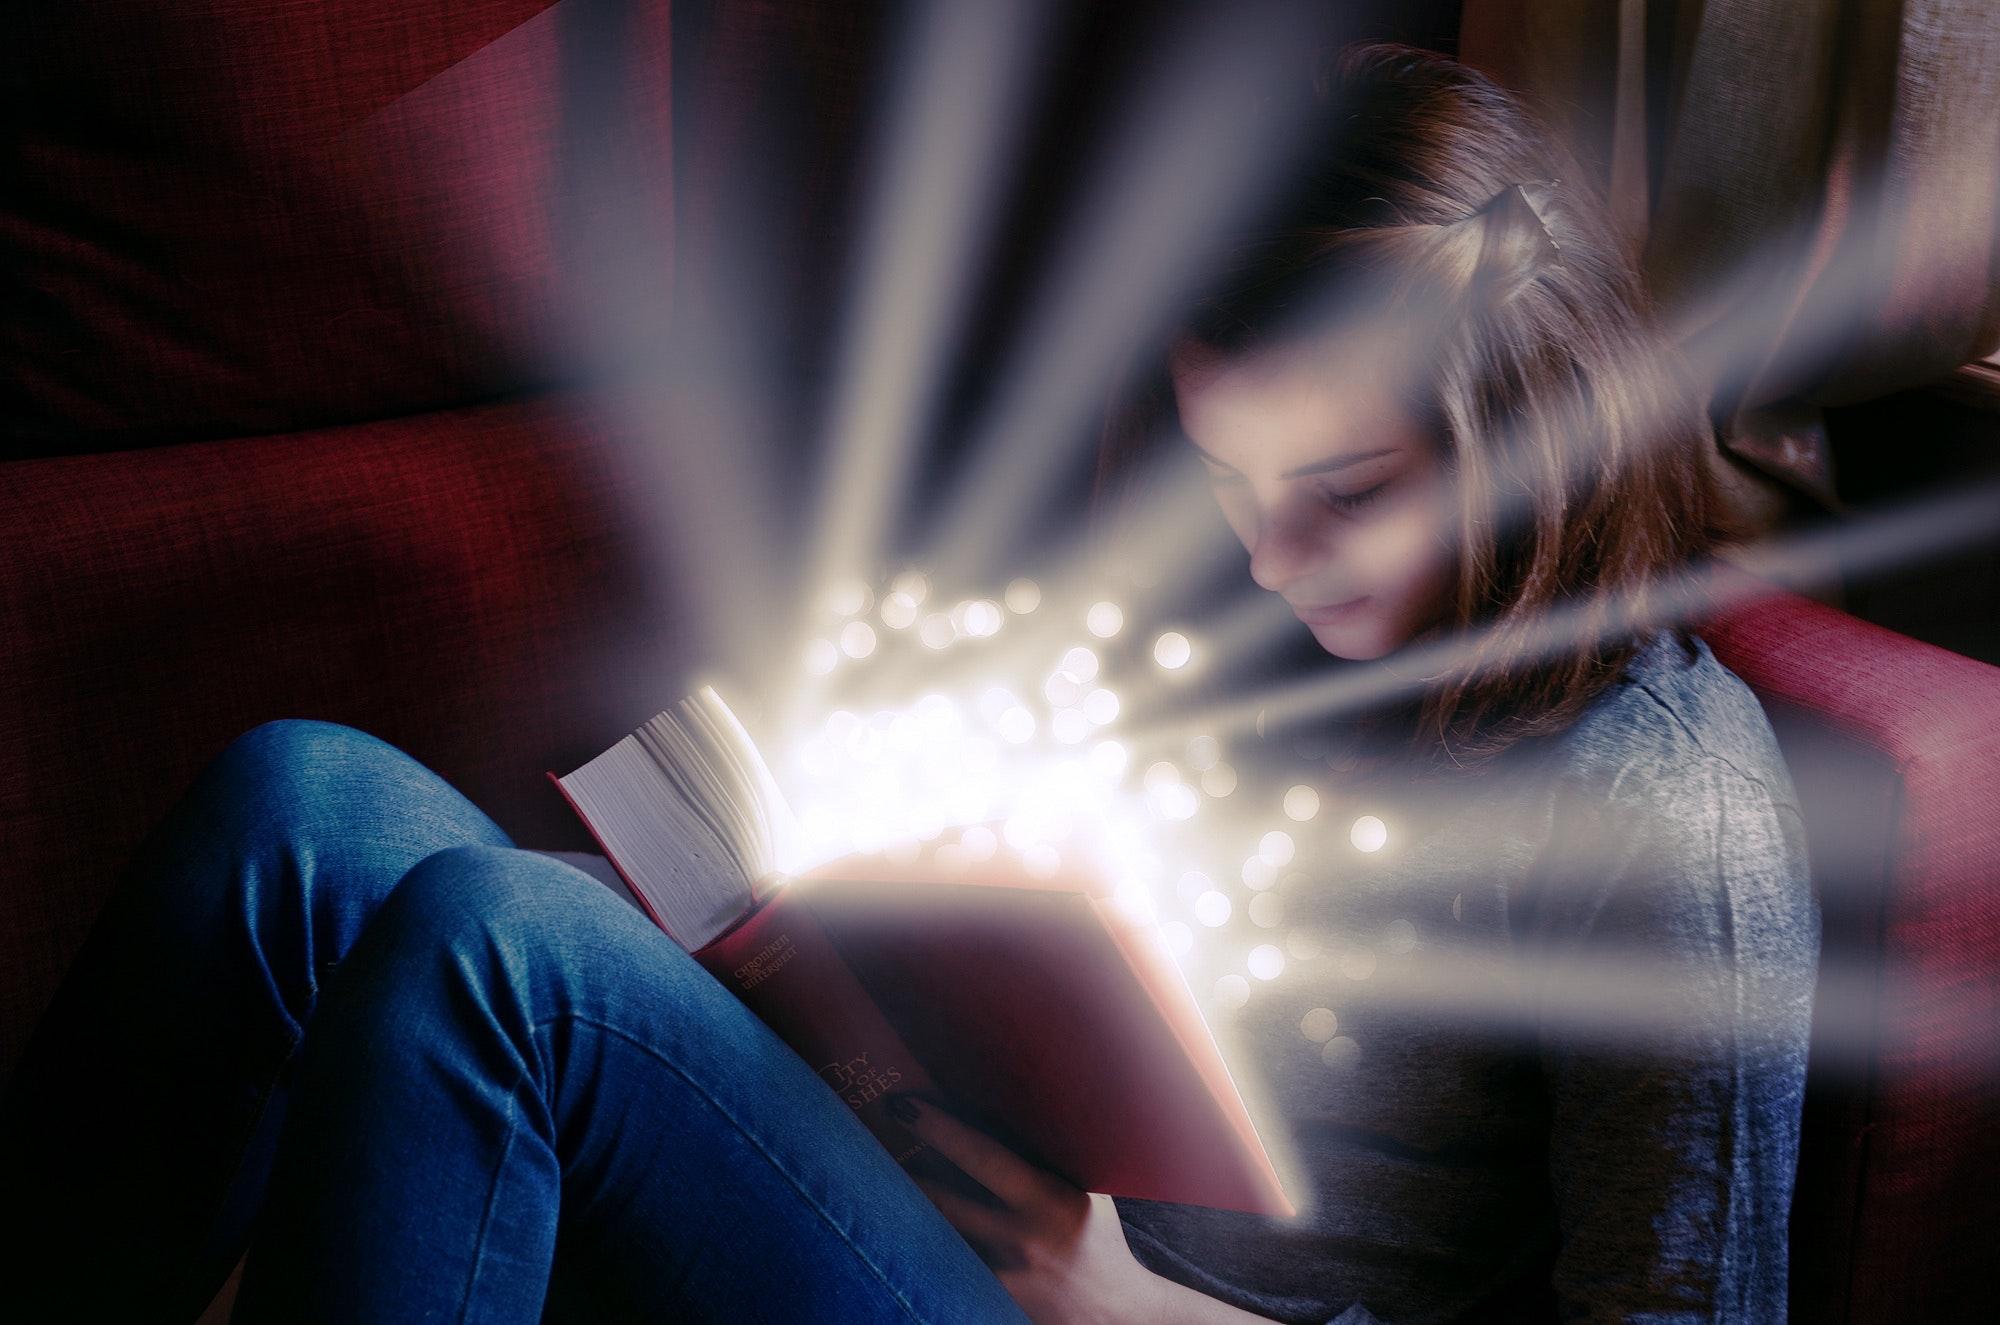 blur-book-browse-256546.jpg